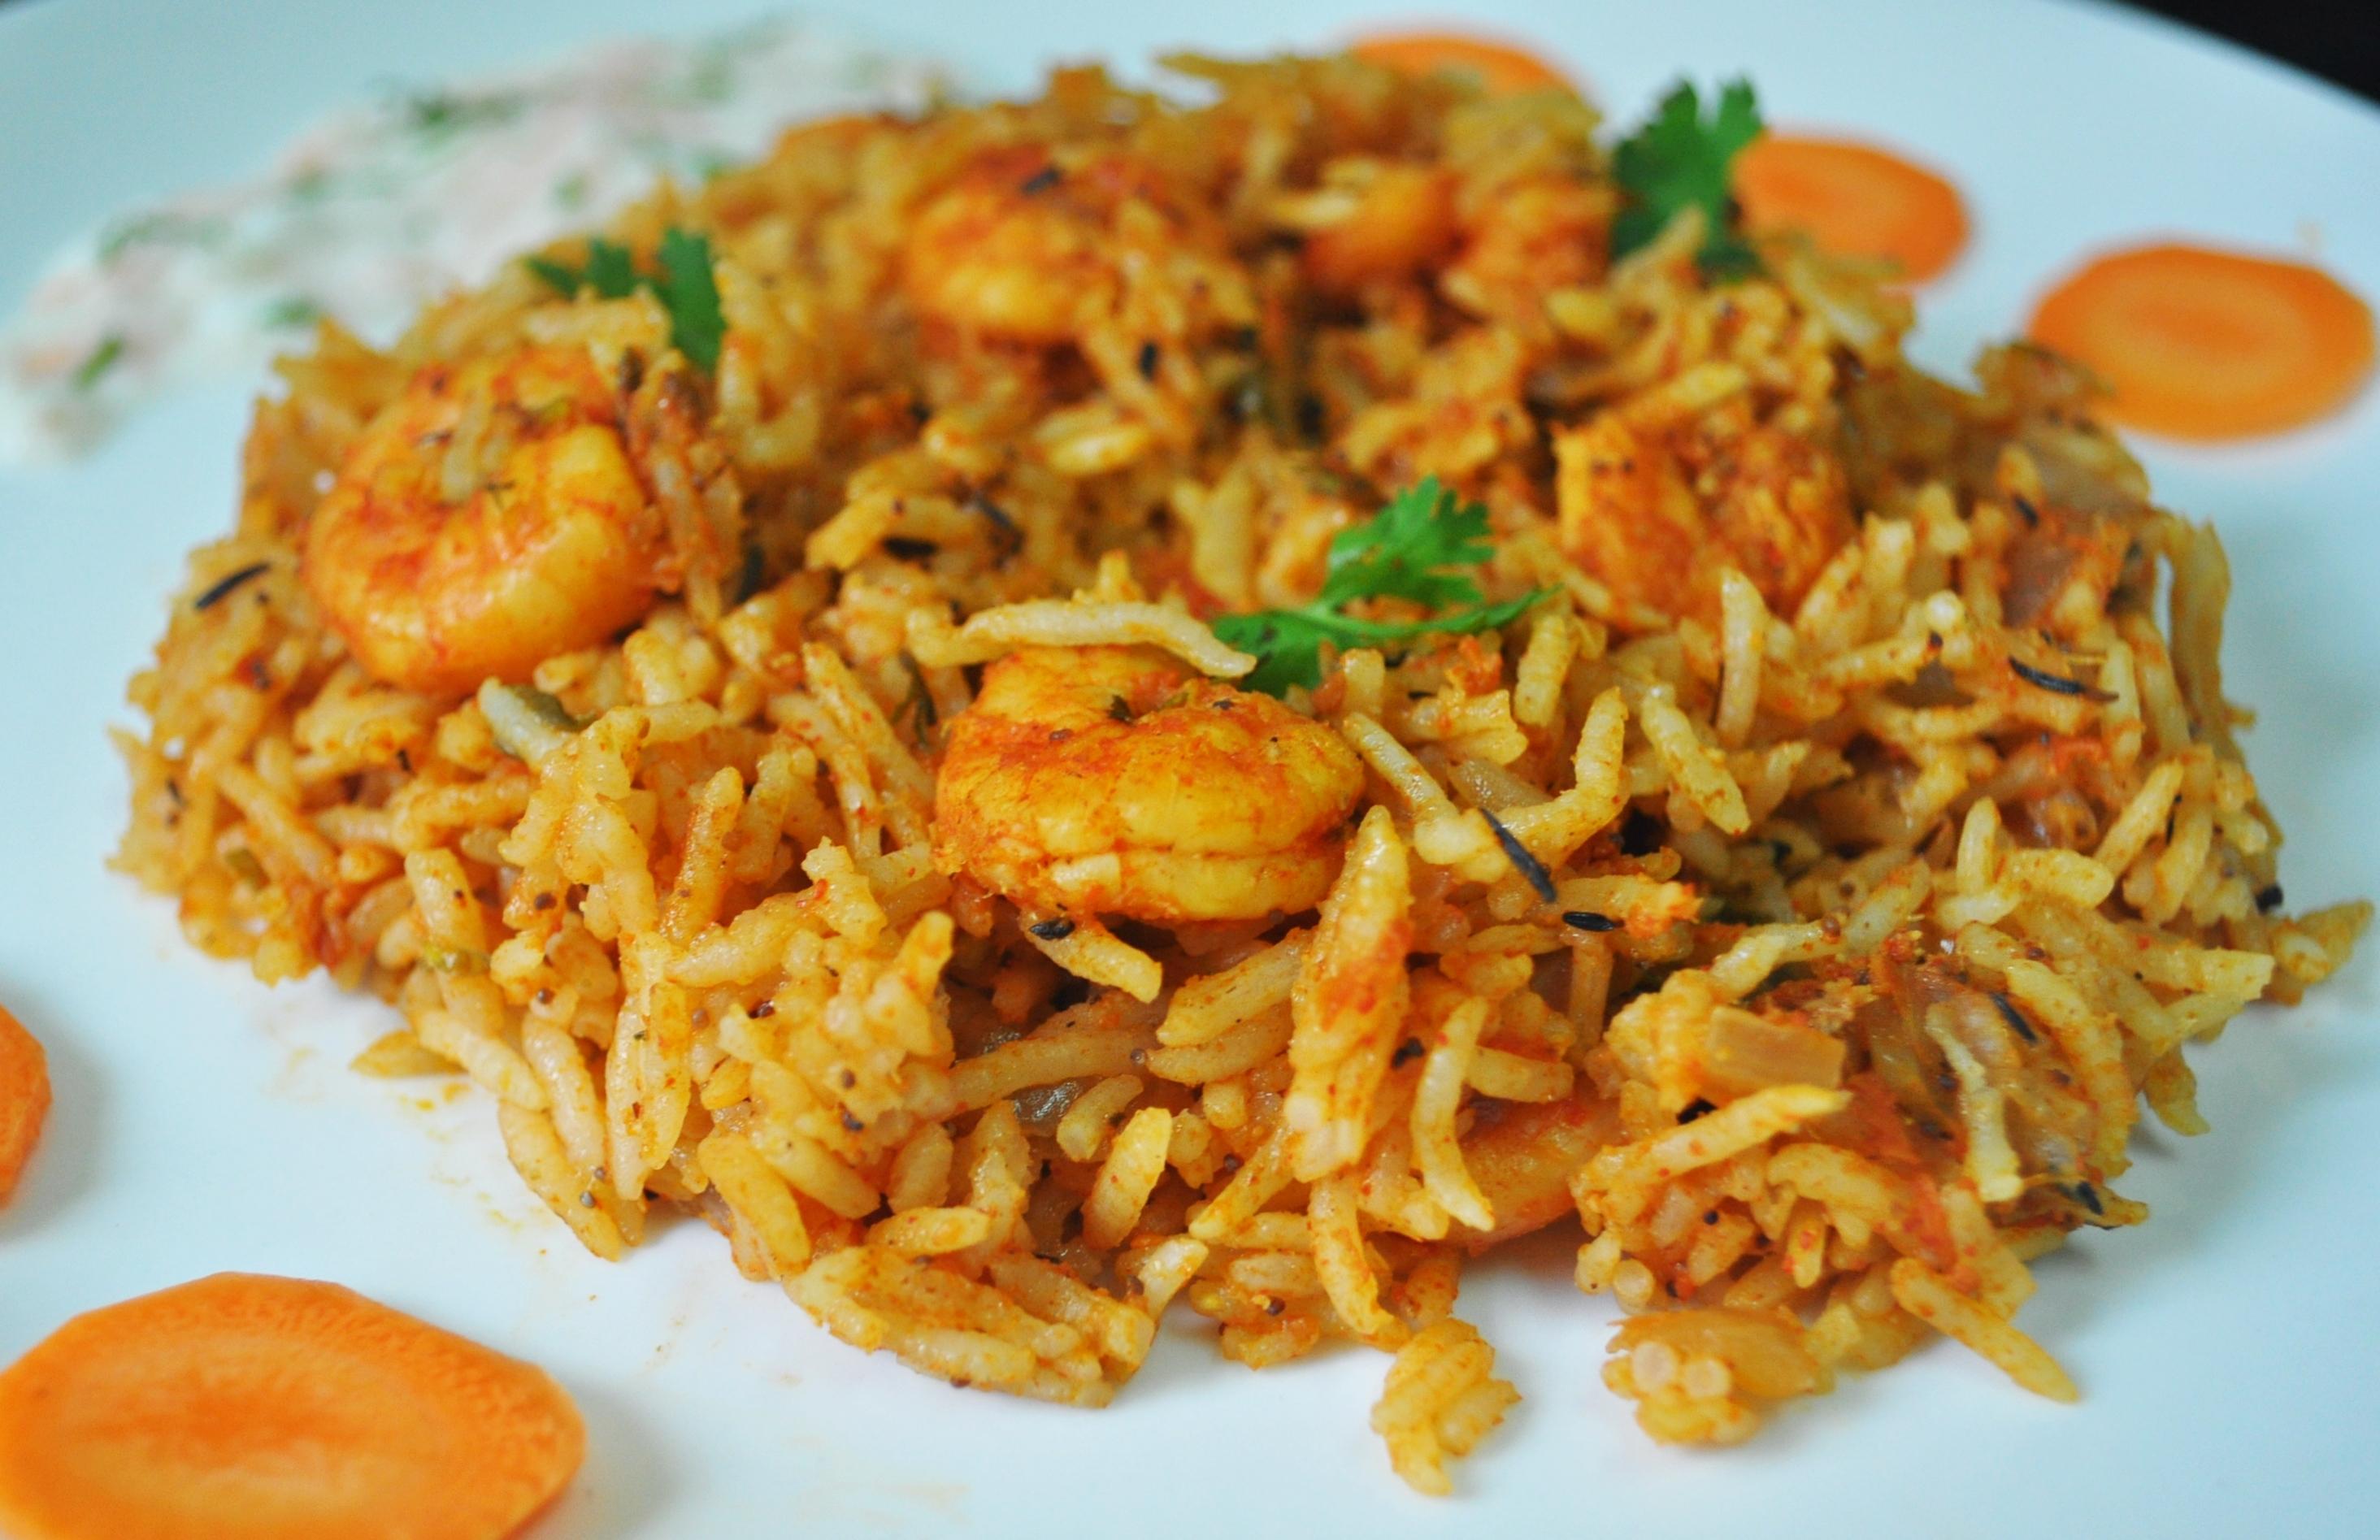 ... Prawn Biryani Recipe Biryani Recipe Images Rice Pics Chicken Recipe In